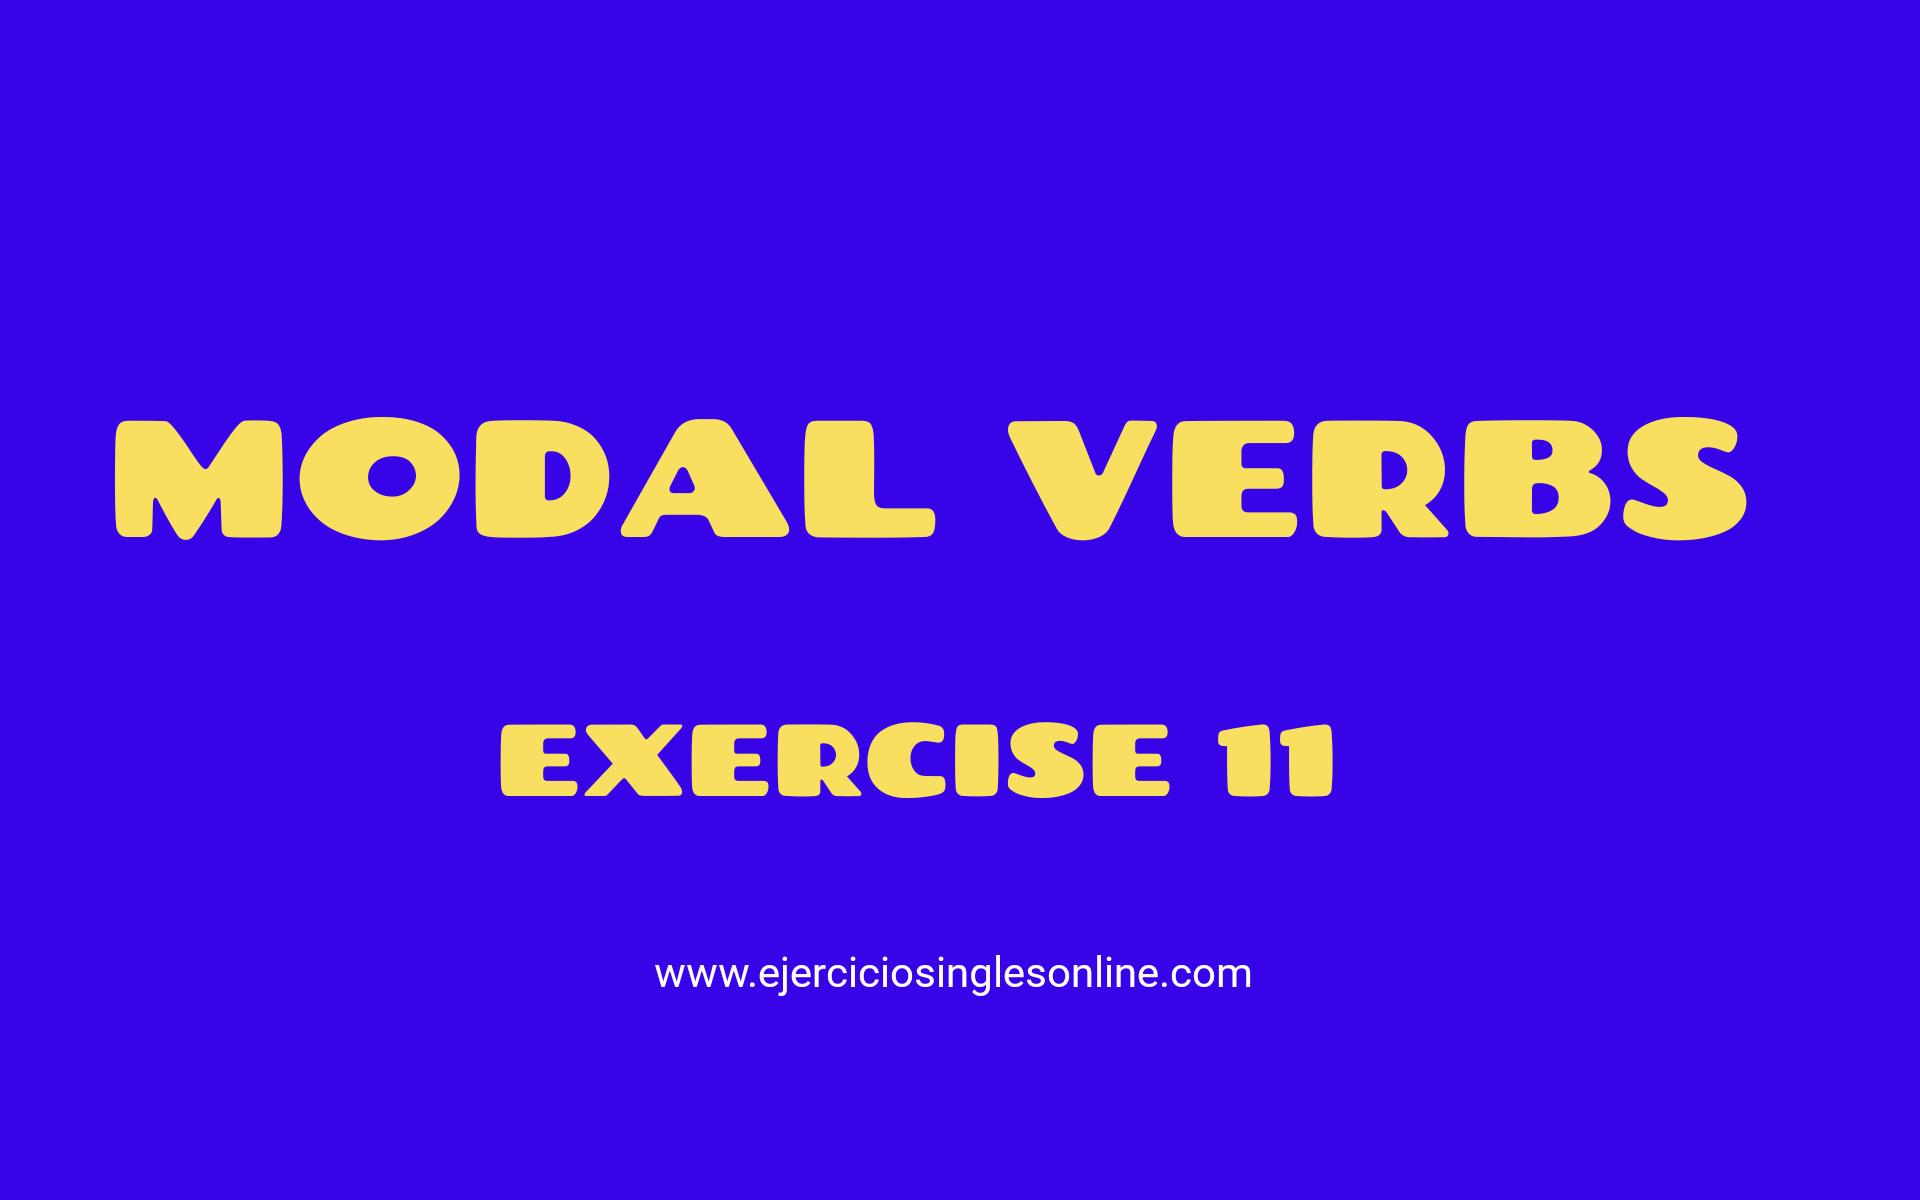 Verbos modales  - Ejercicio 11